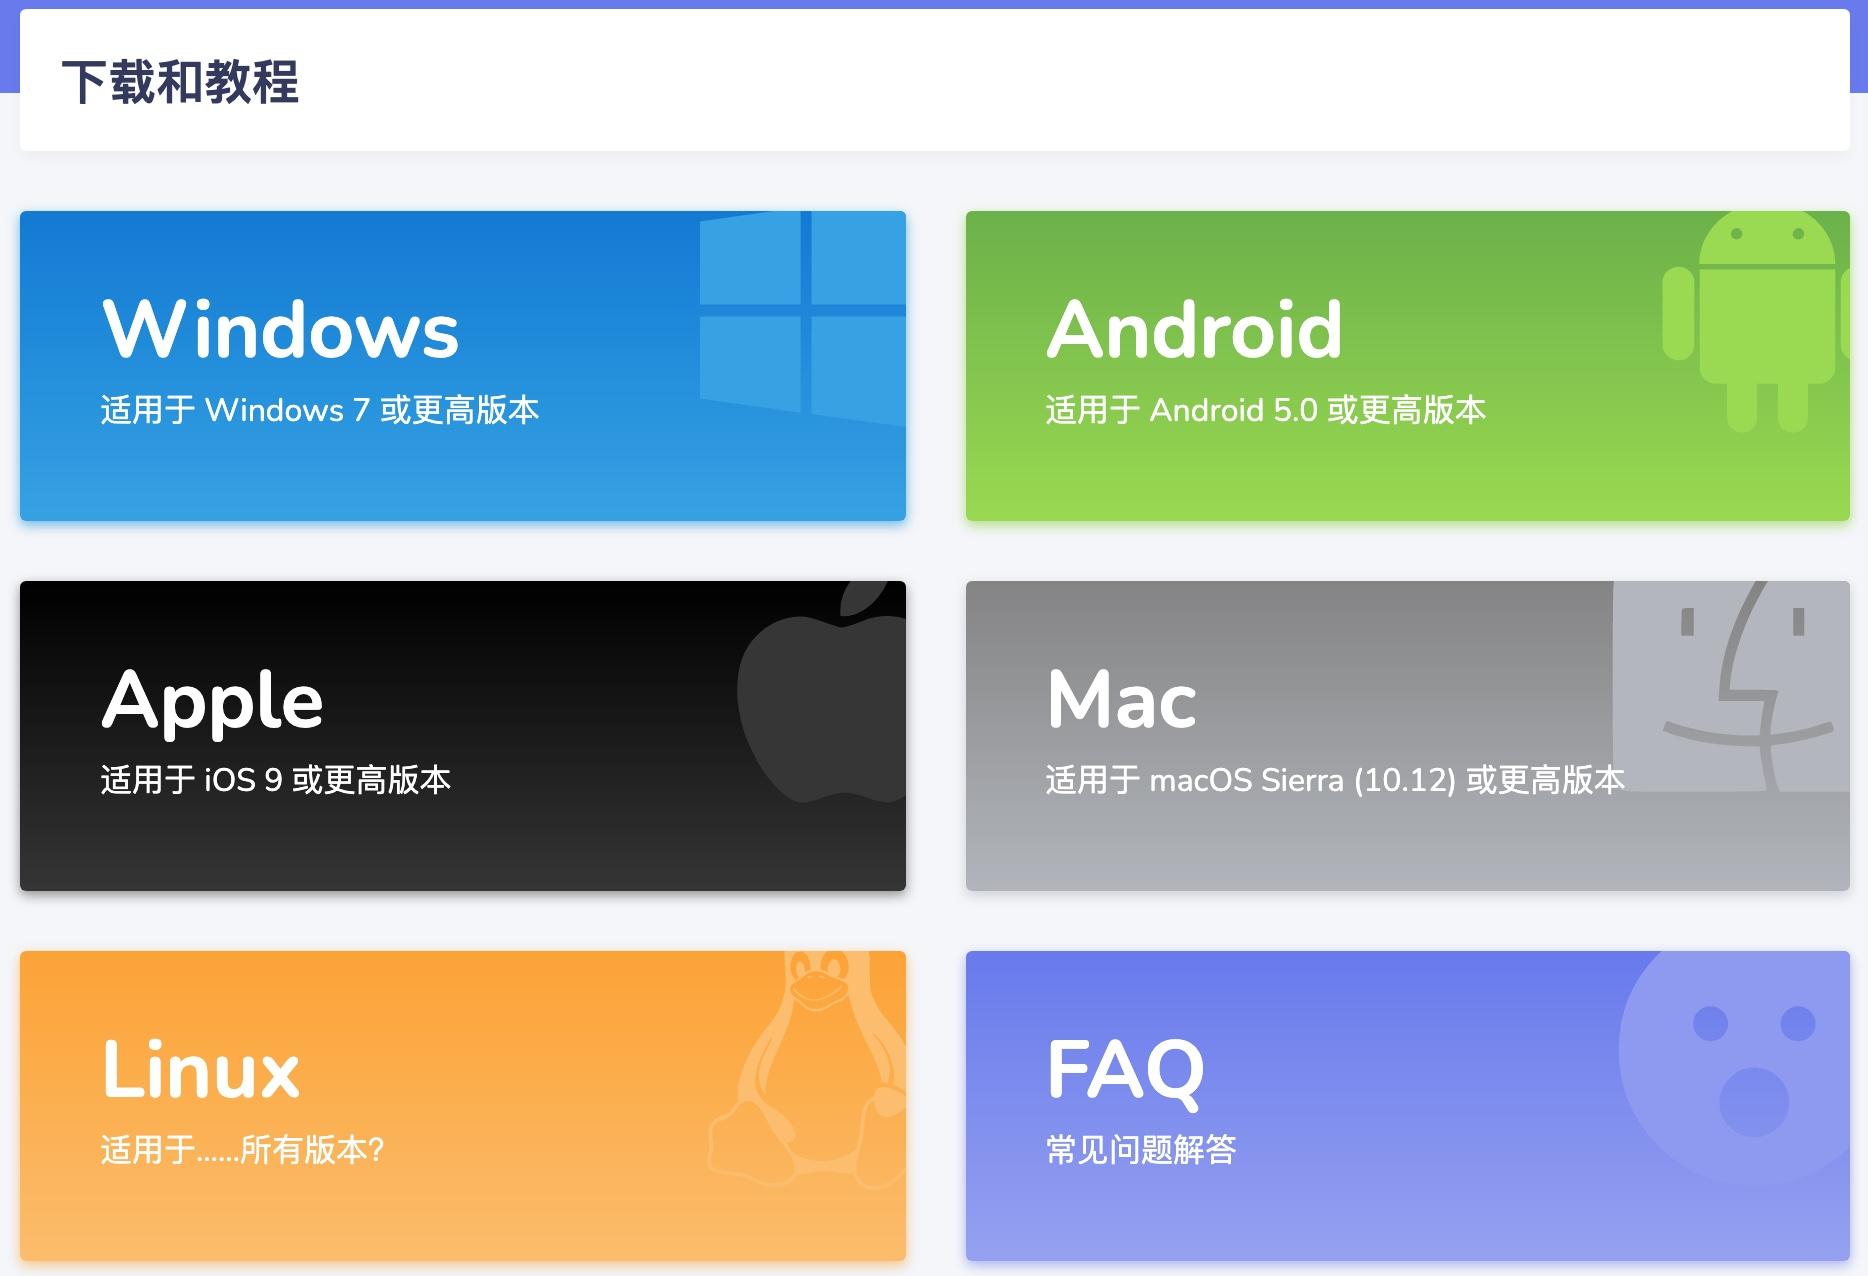 win mac android ios客户端下载及使用教程和游戏加速教程一应俱全